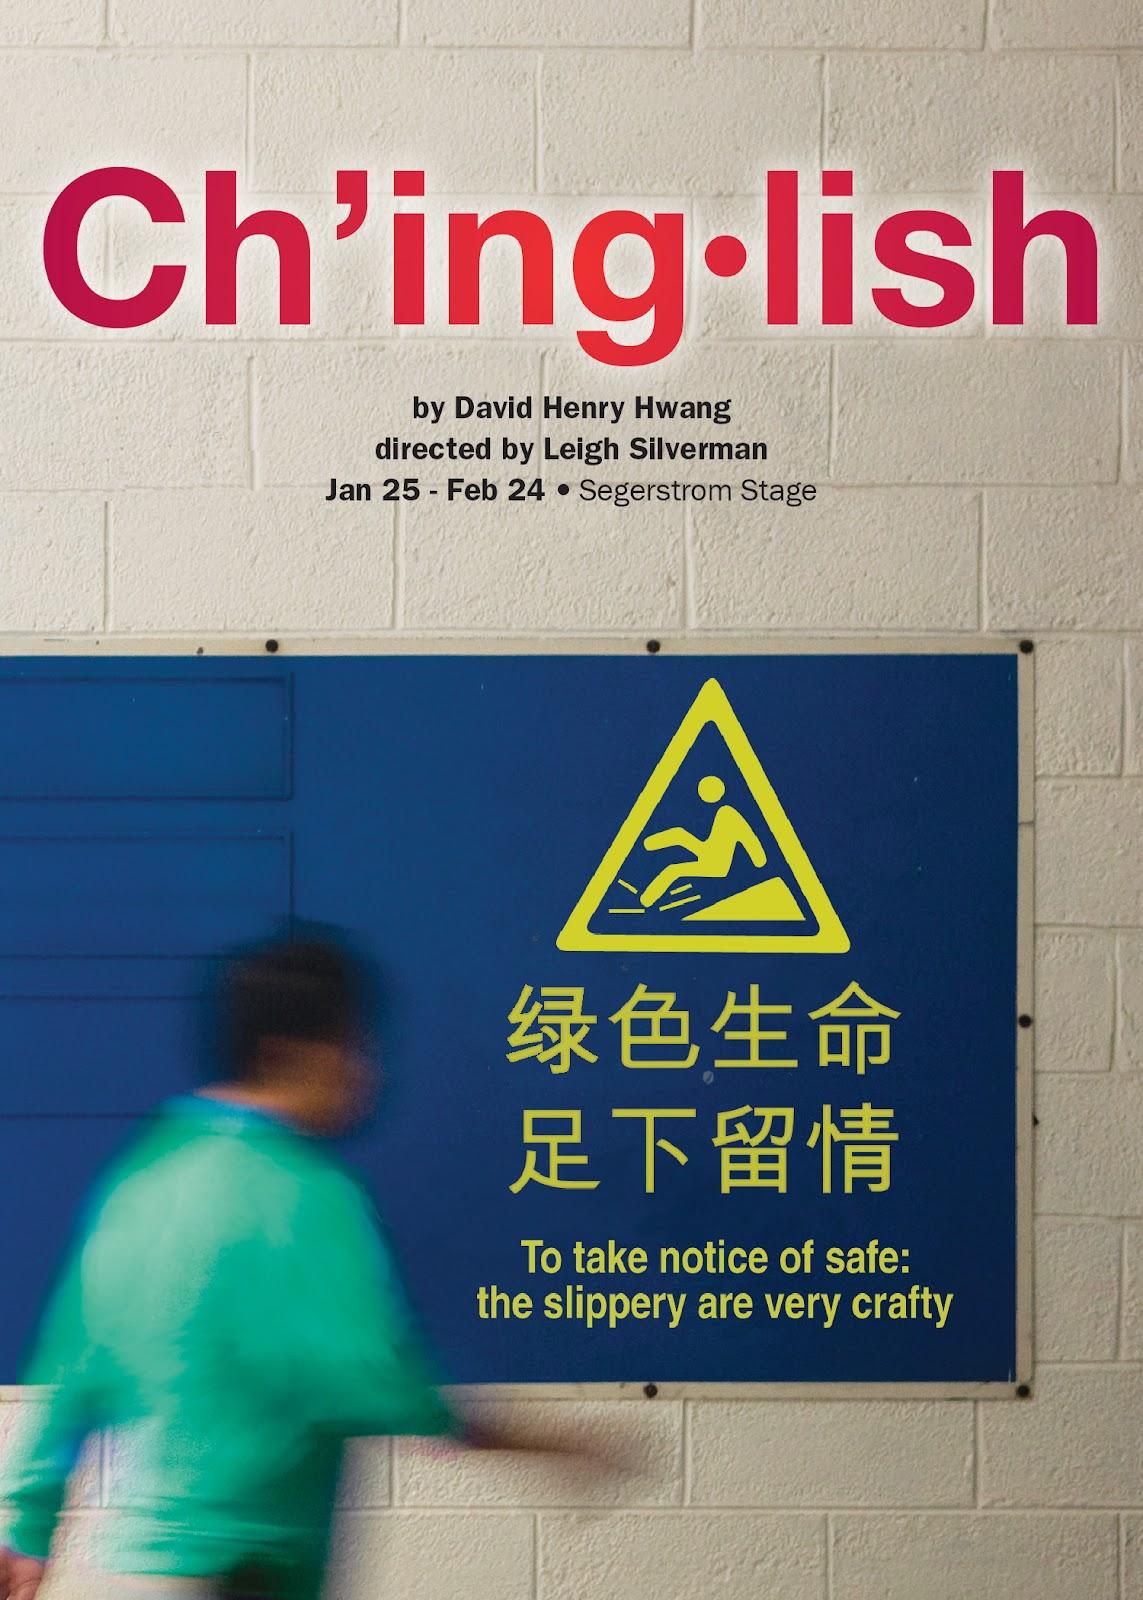 Chinglish at South Coast Repertory